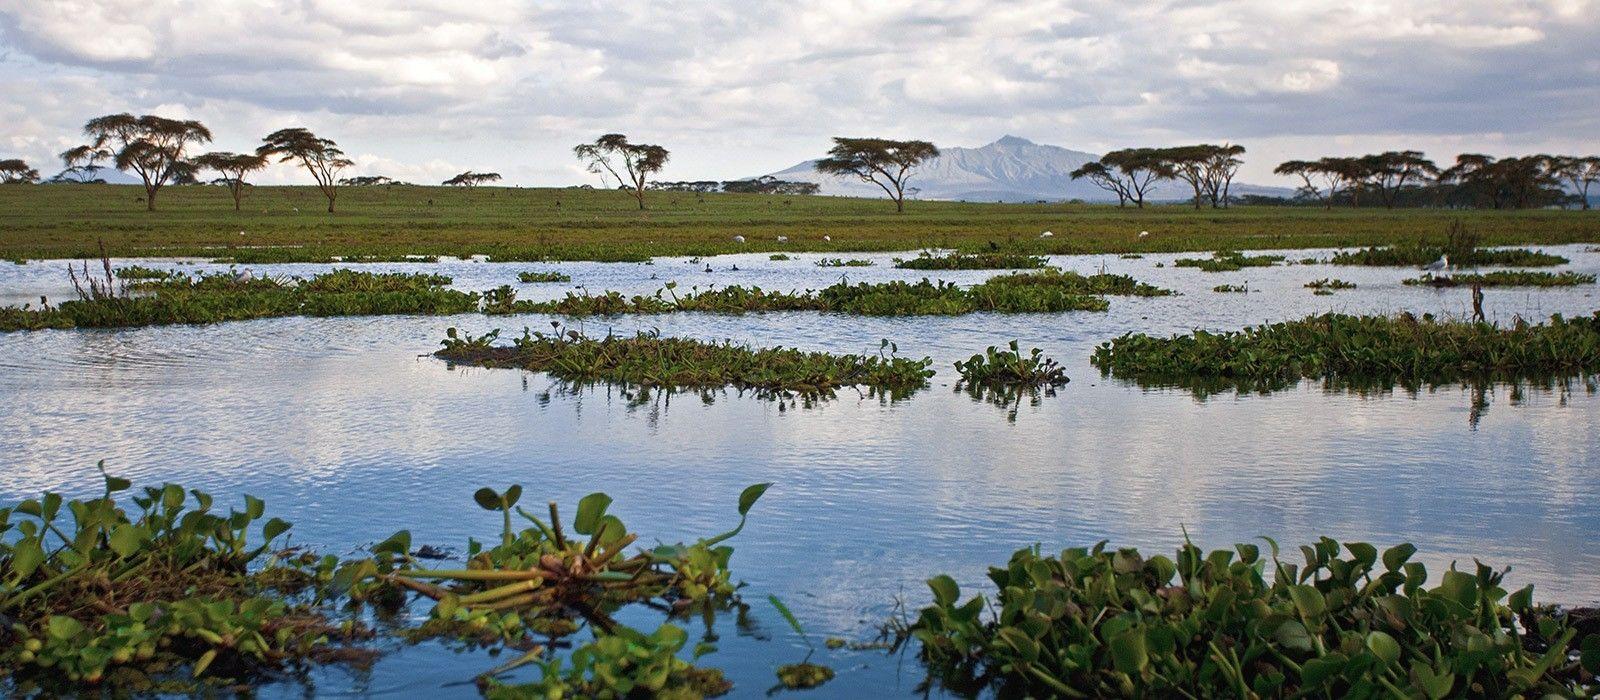 Kenia: Wandersafari Rundreise Urlaub 2